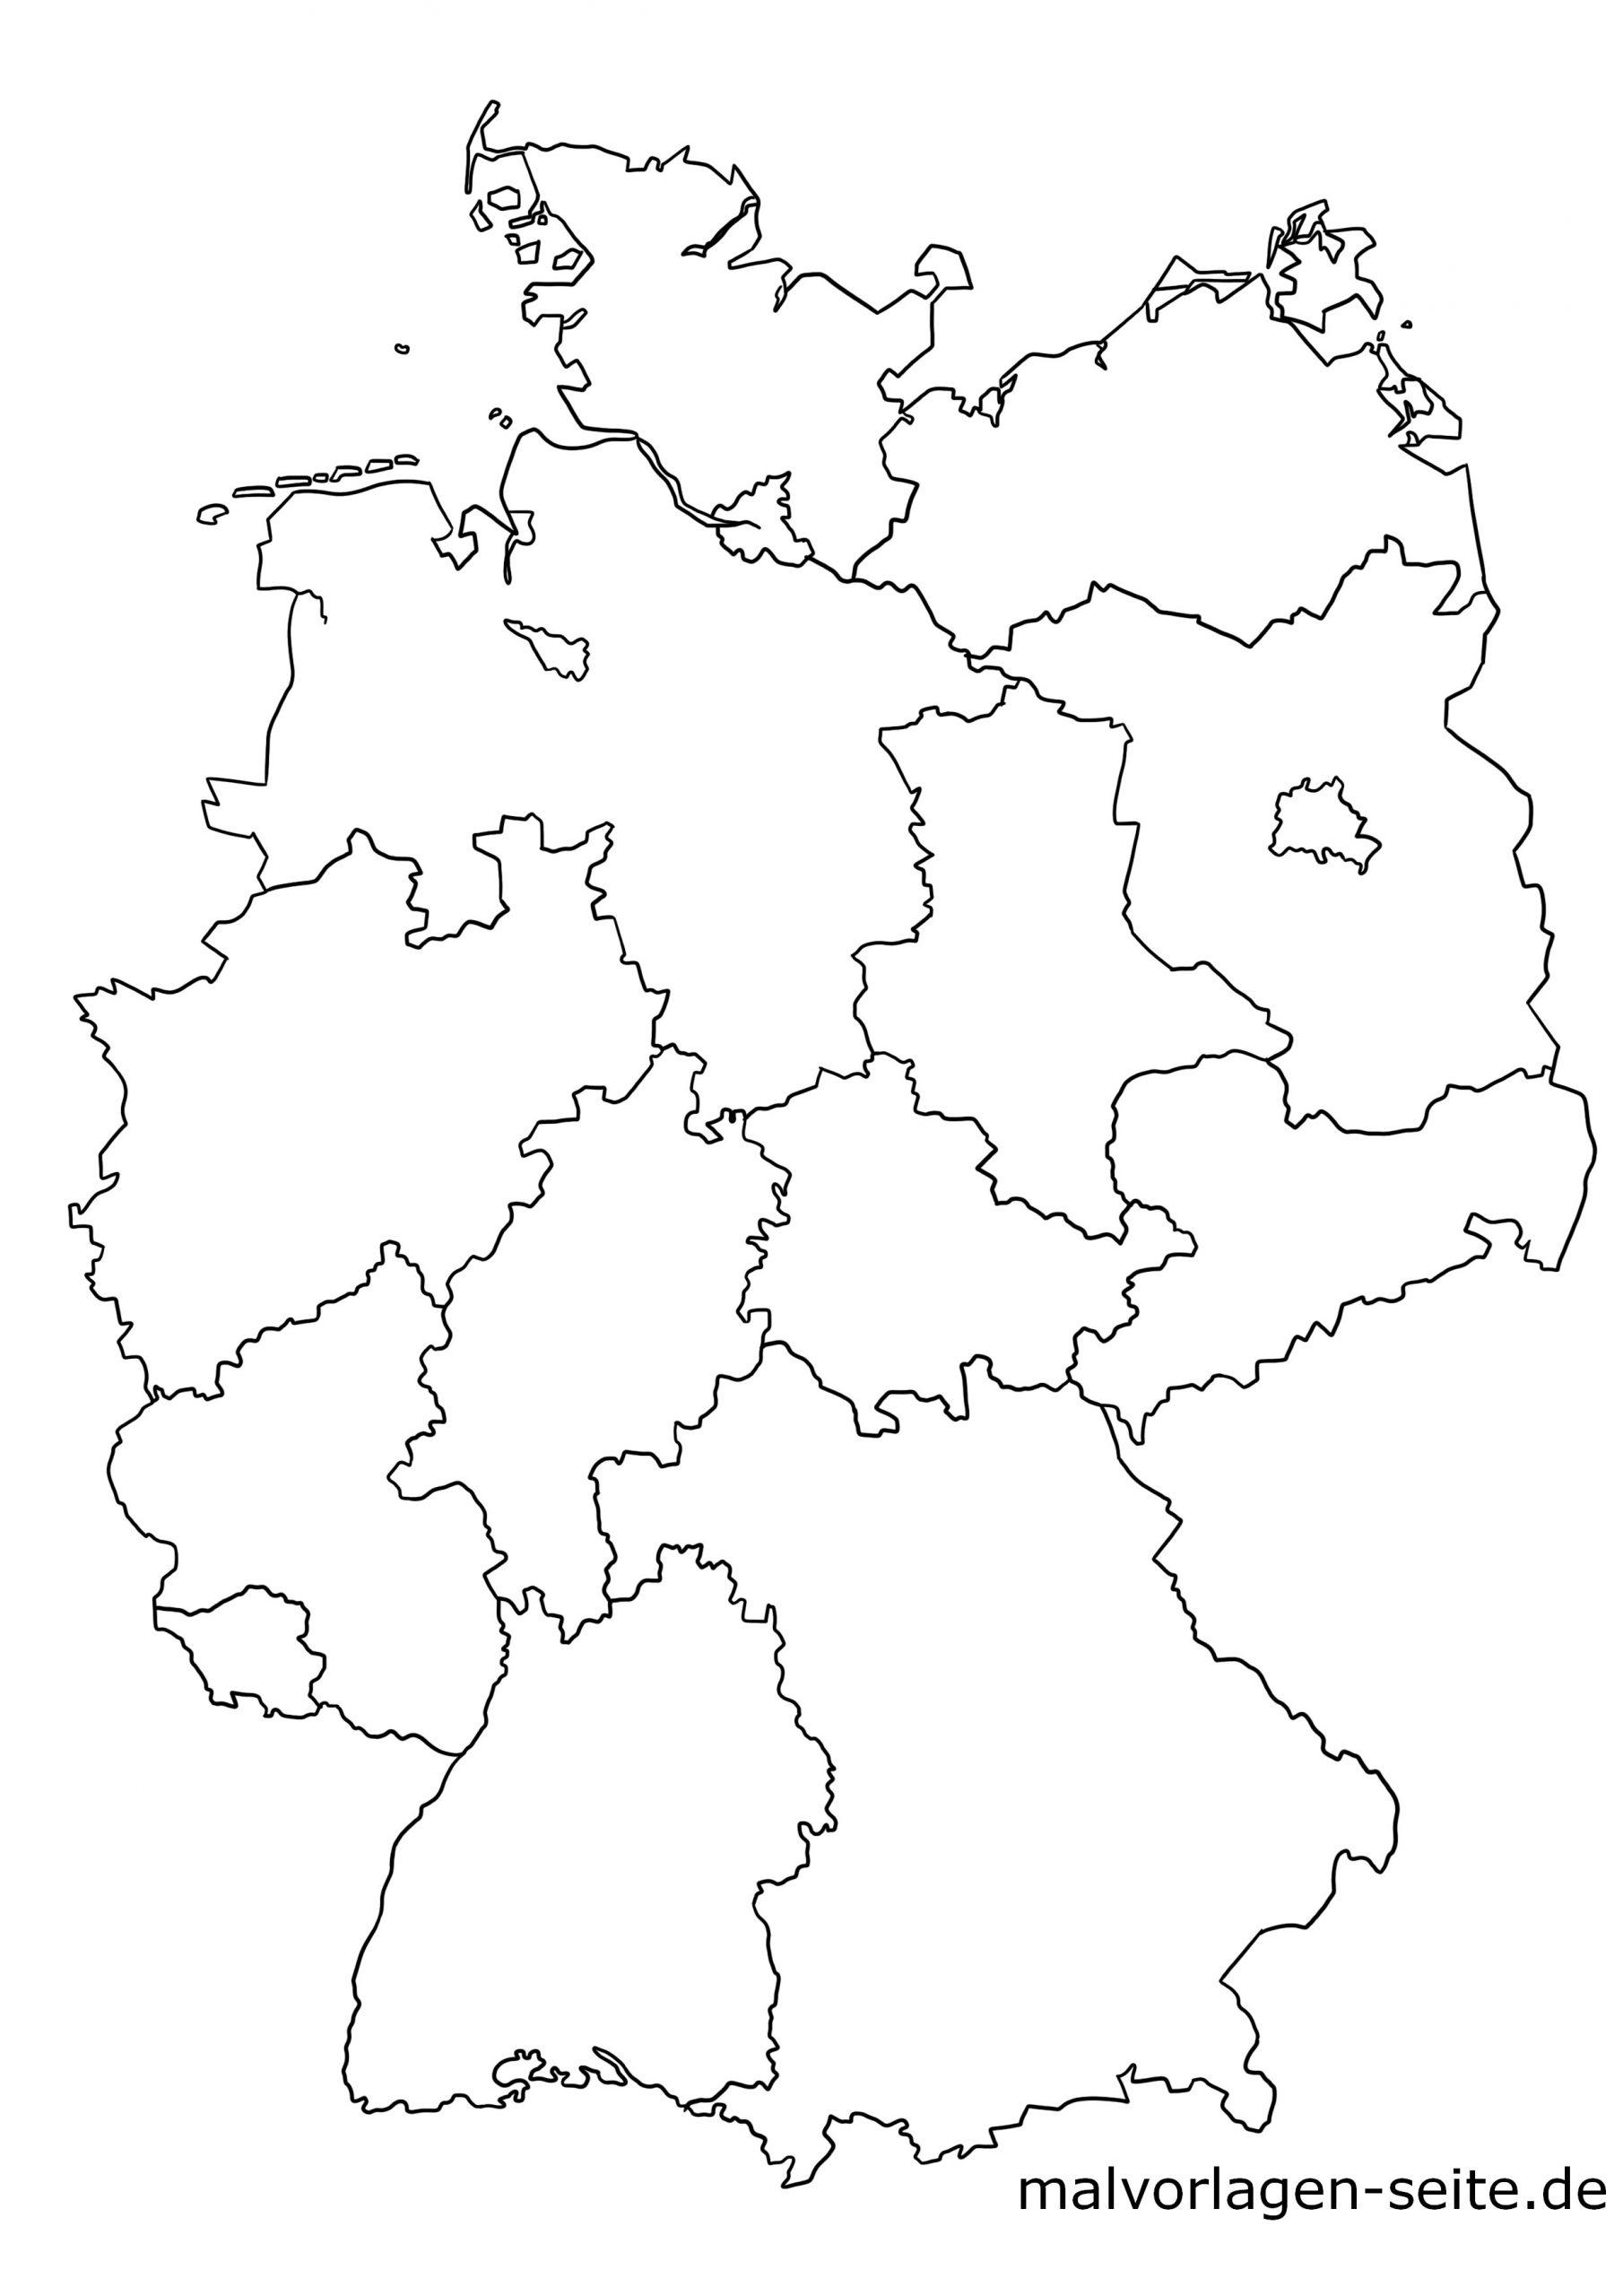 Deutschland Landkarte Der Bundesländer - Politsche Karte in Deutschland Karte Bundesländer Und Hauptstädte